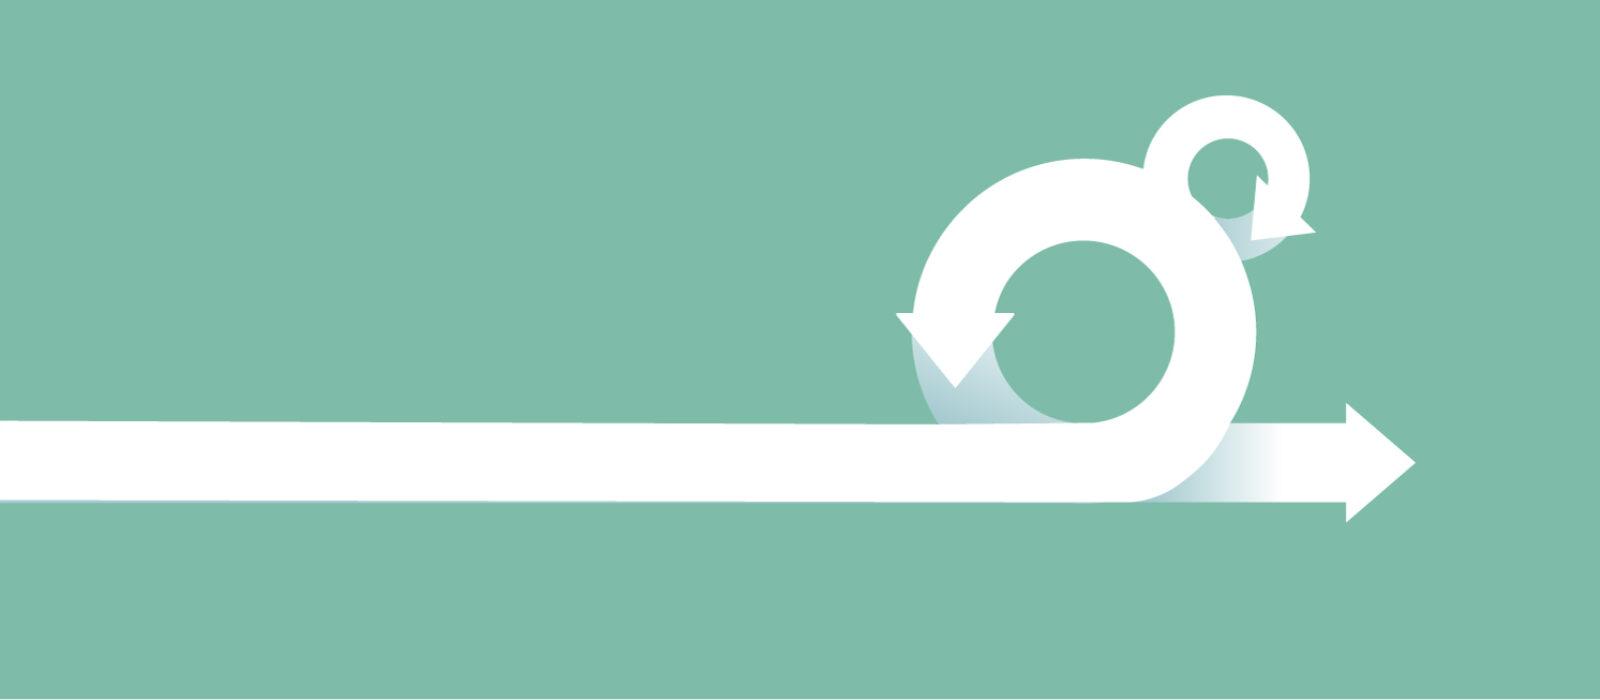 Agile Softwareentwicklung ist iterativ und inkrementell